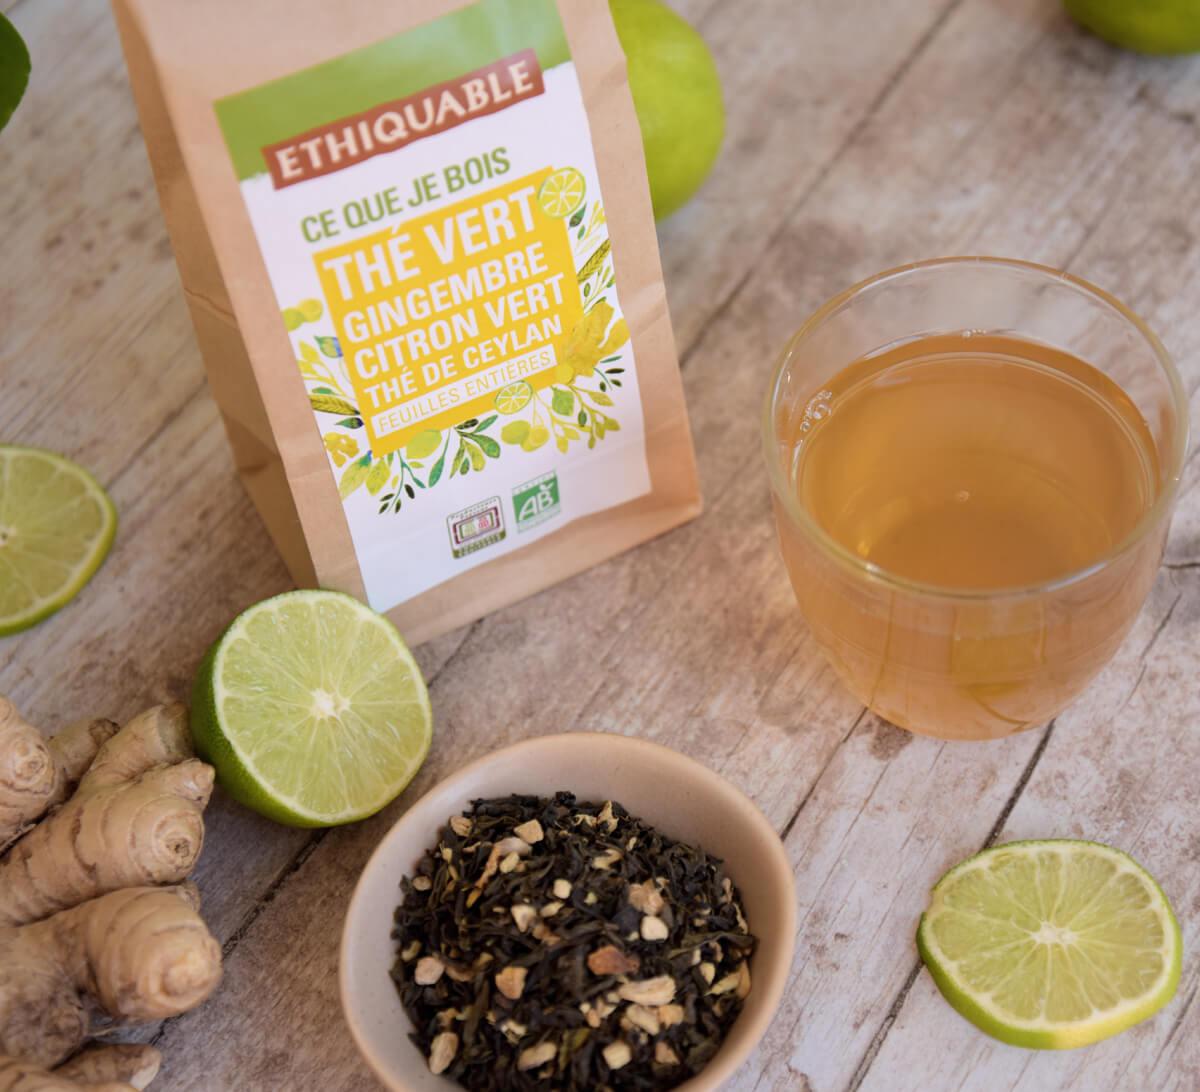 Ethiquable - Thé vert Gingembre Citron vert bio en vrac issu du Commerce Equitable